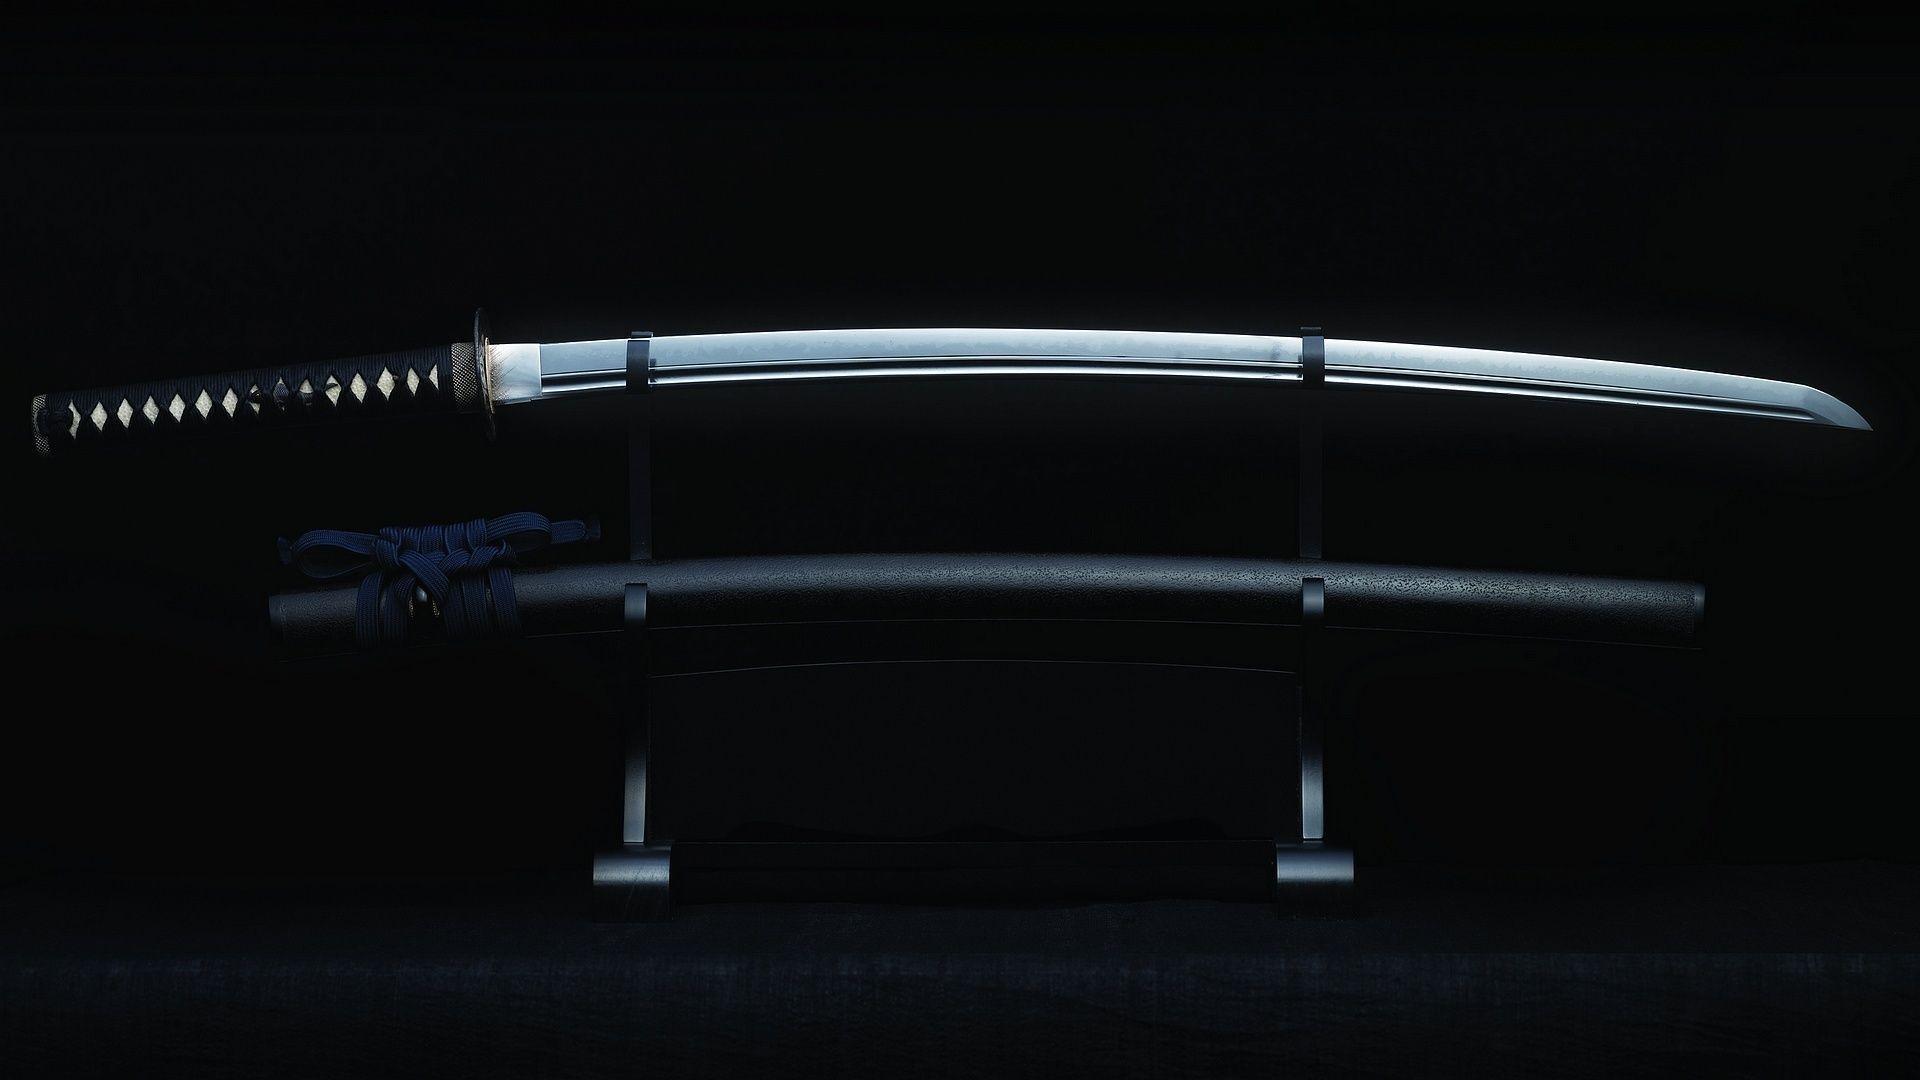 Samurai Sword Wallpapers - Wallpaper Cave